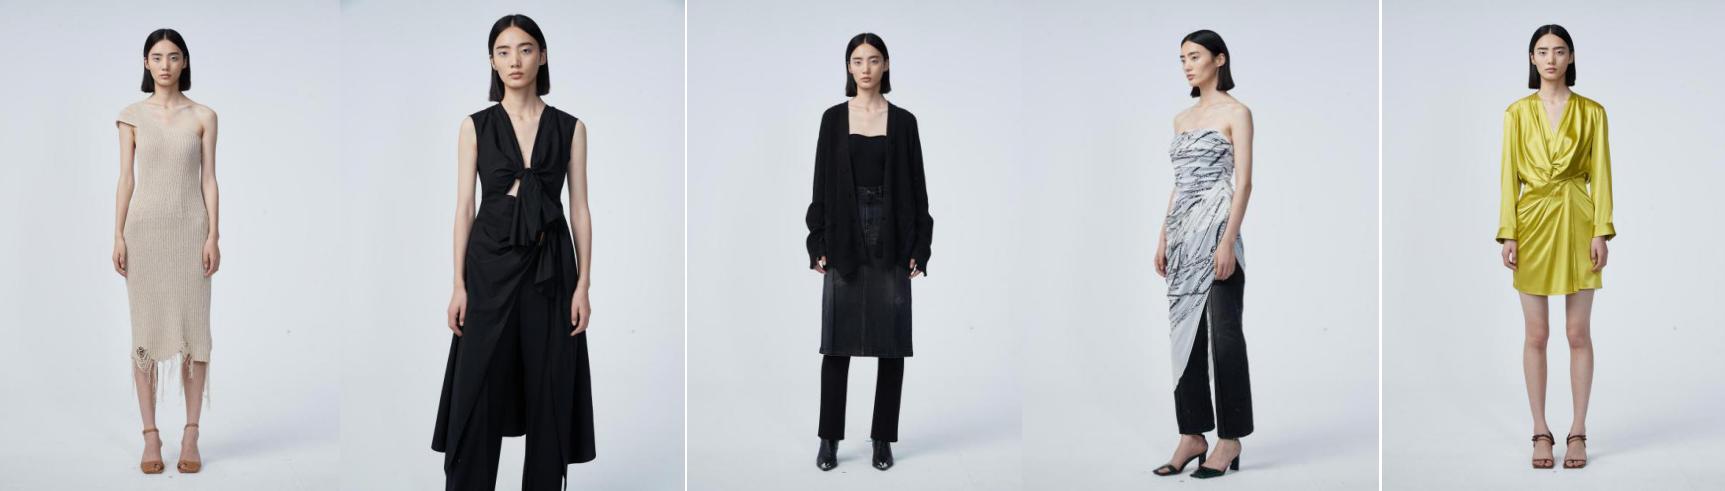 JNBY SS21轻礼服系列 —— 发现,另一面的自己,